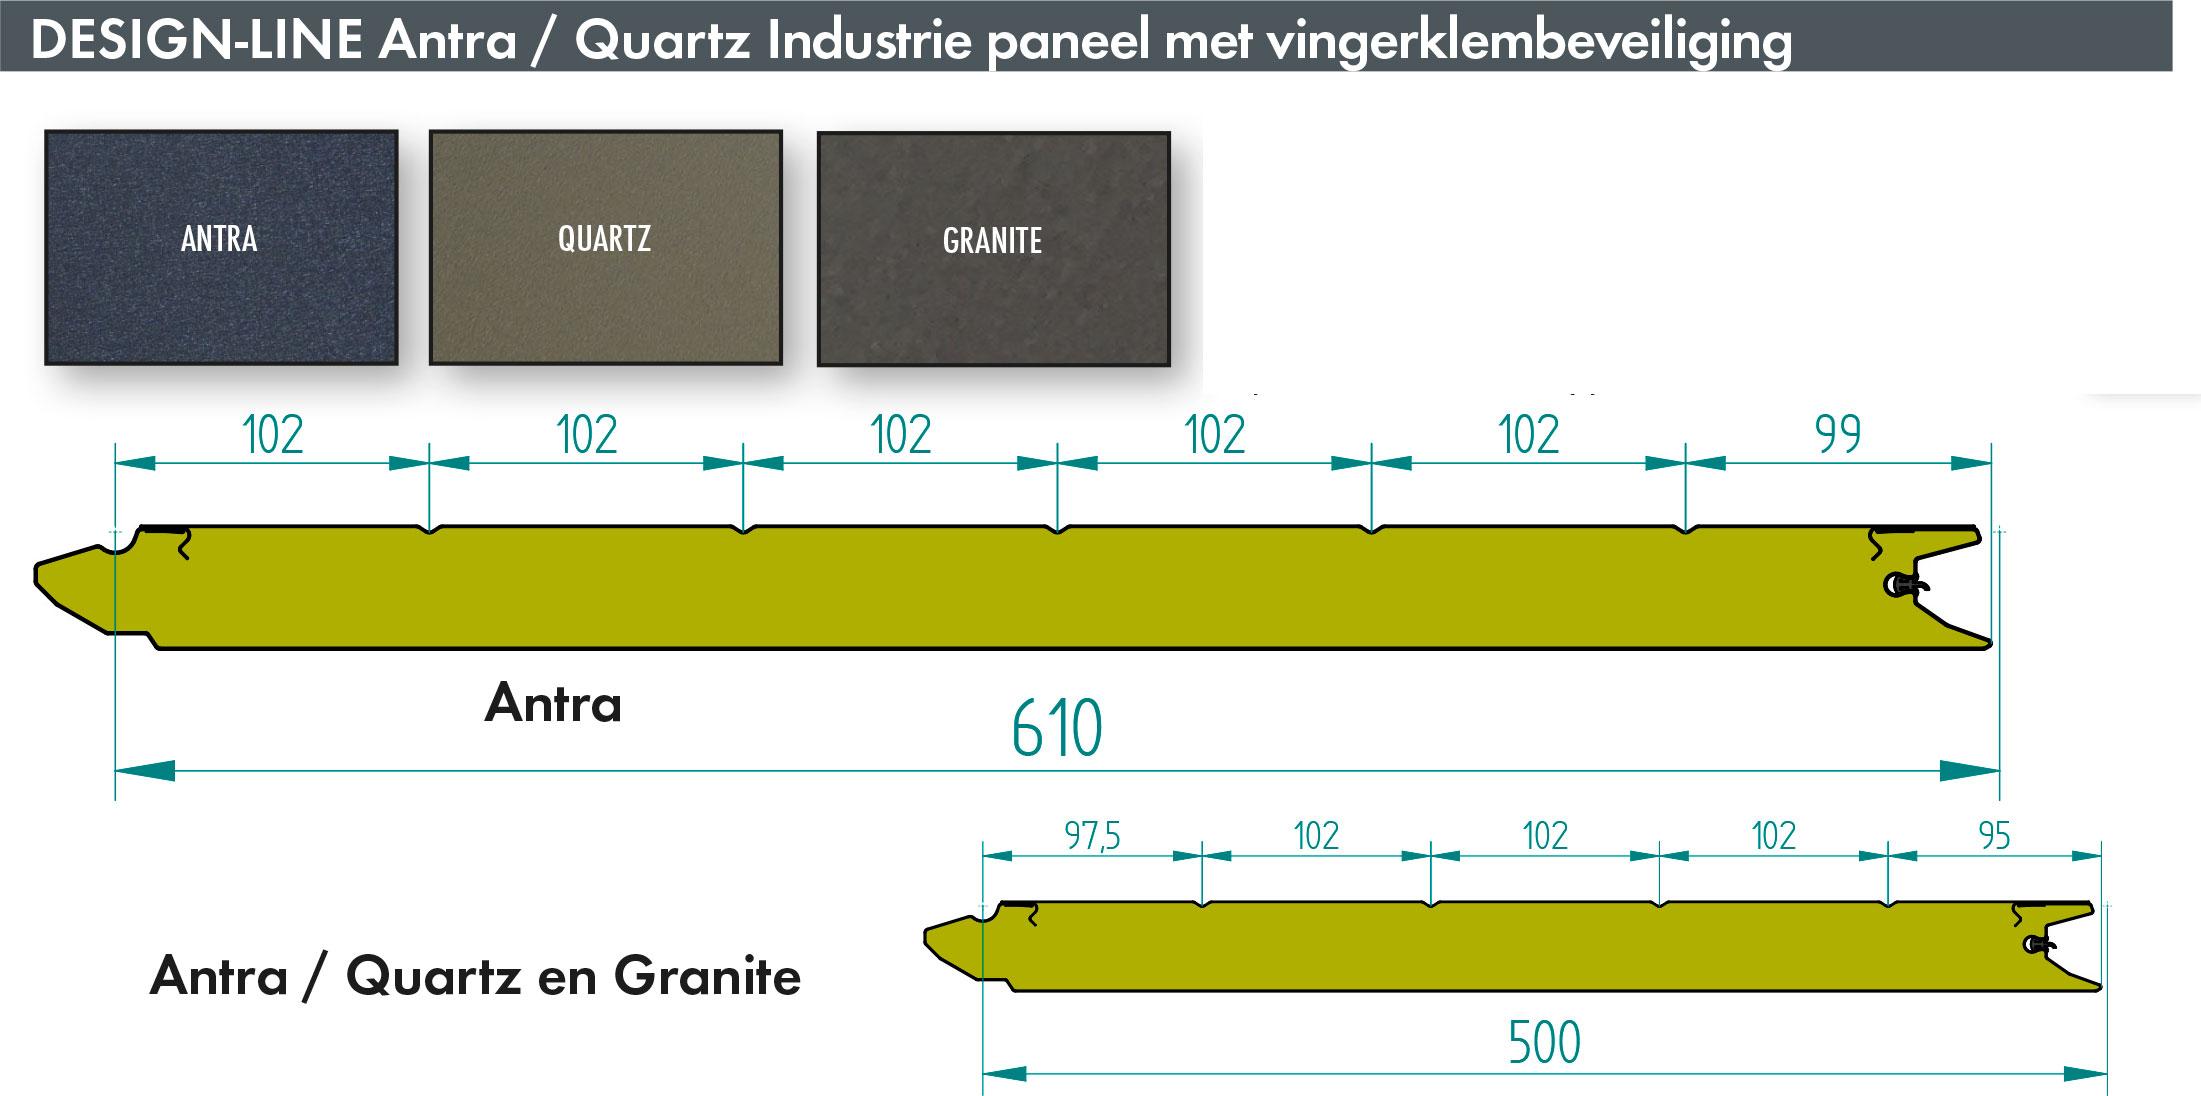 Bedrijfsdeur panelen in het stijlvolle ANTRA design | Louwers Deurtechnieken